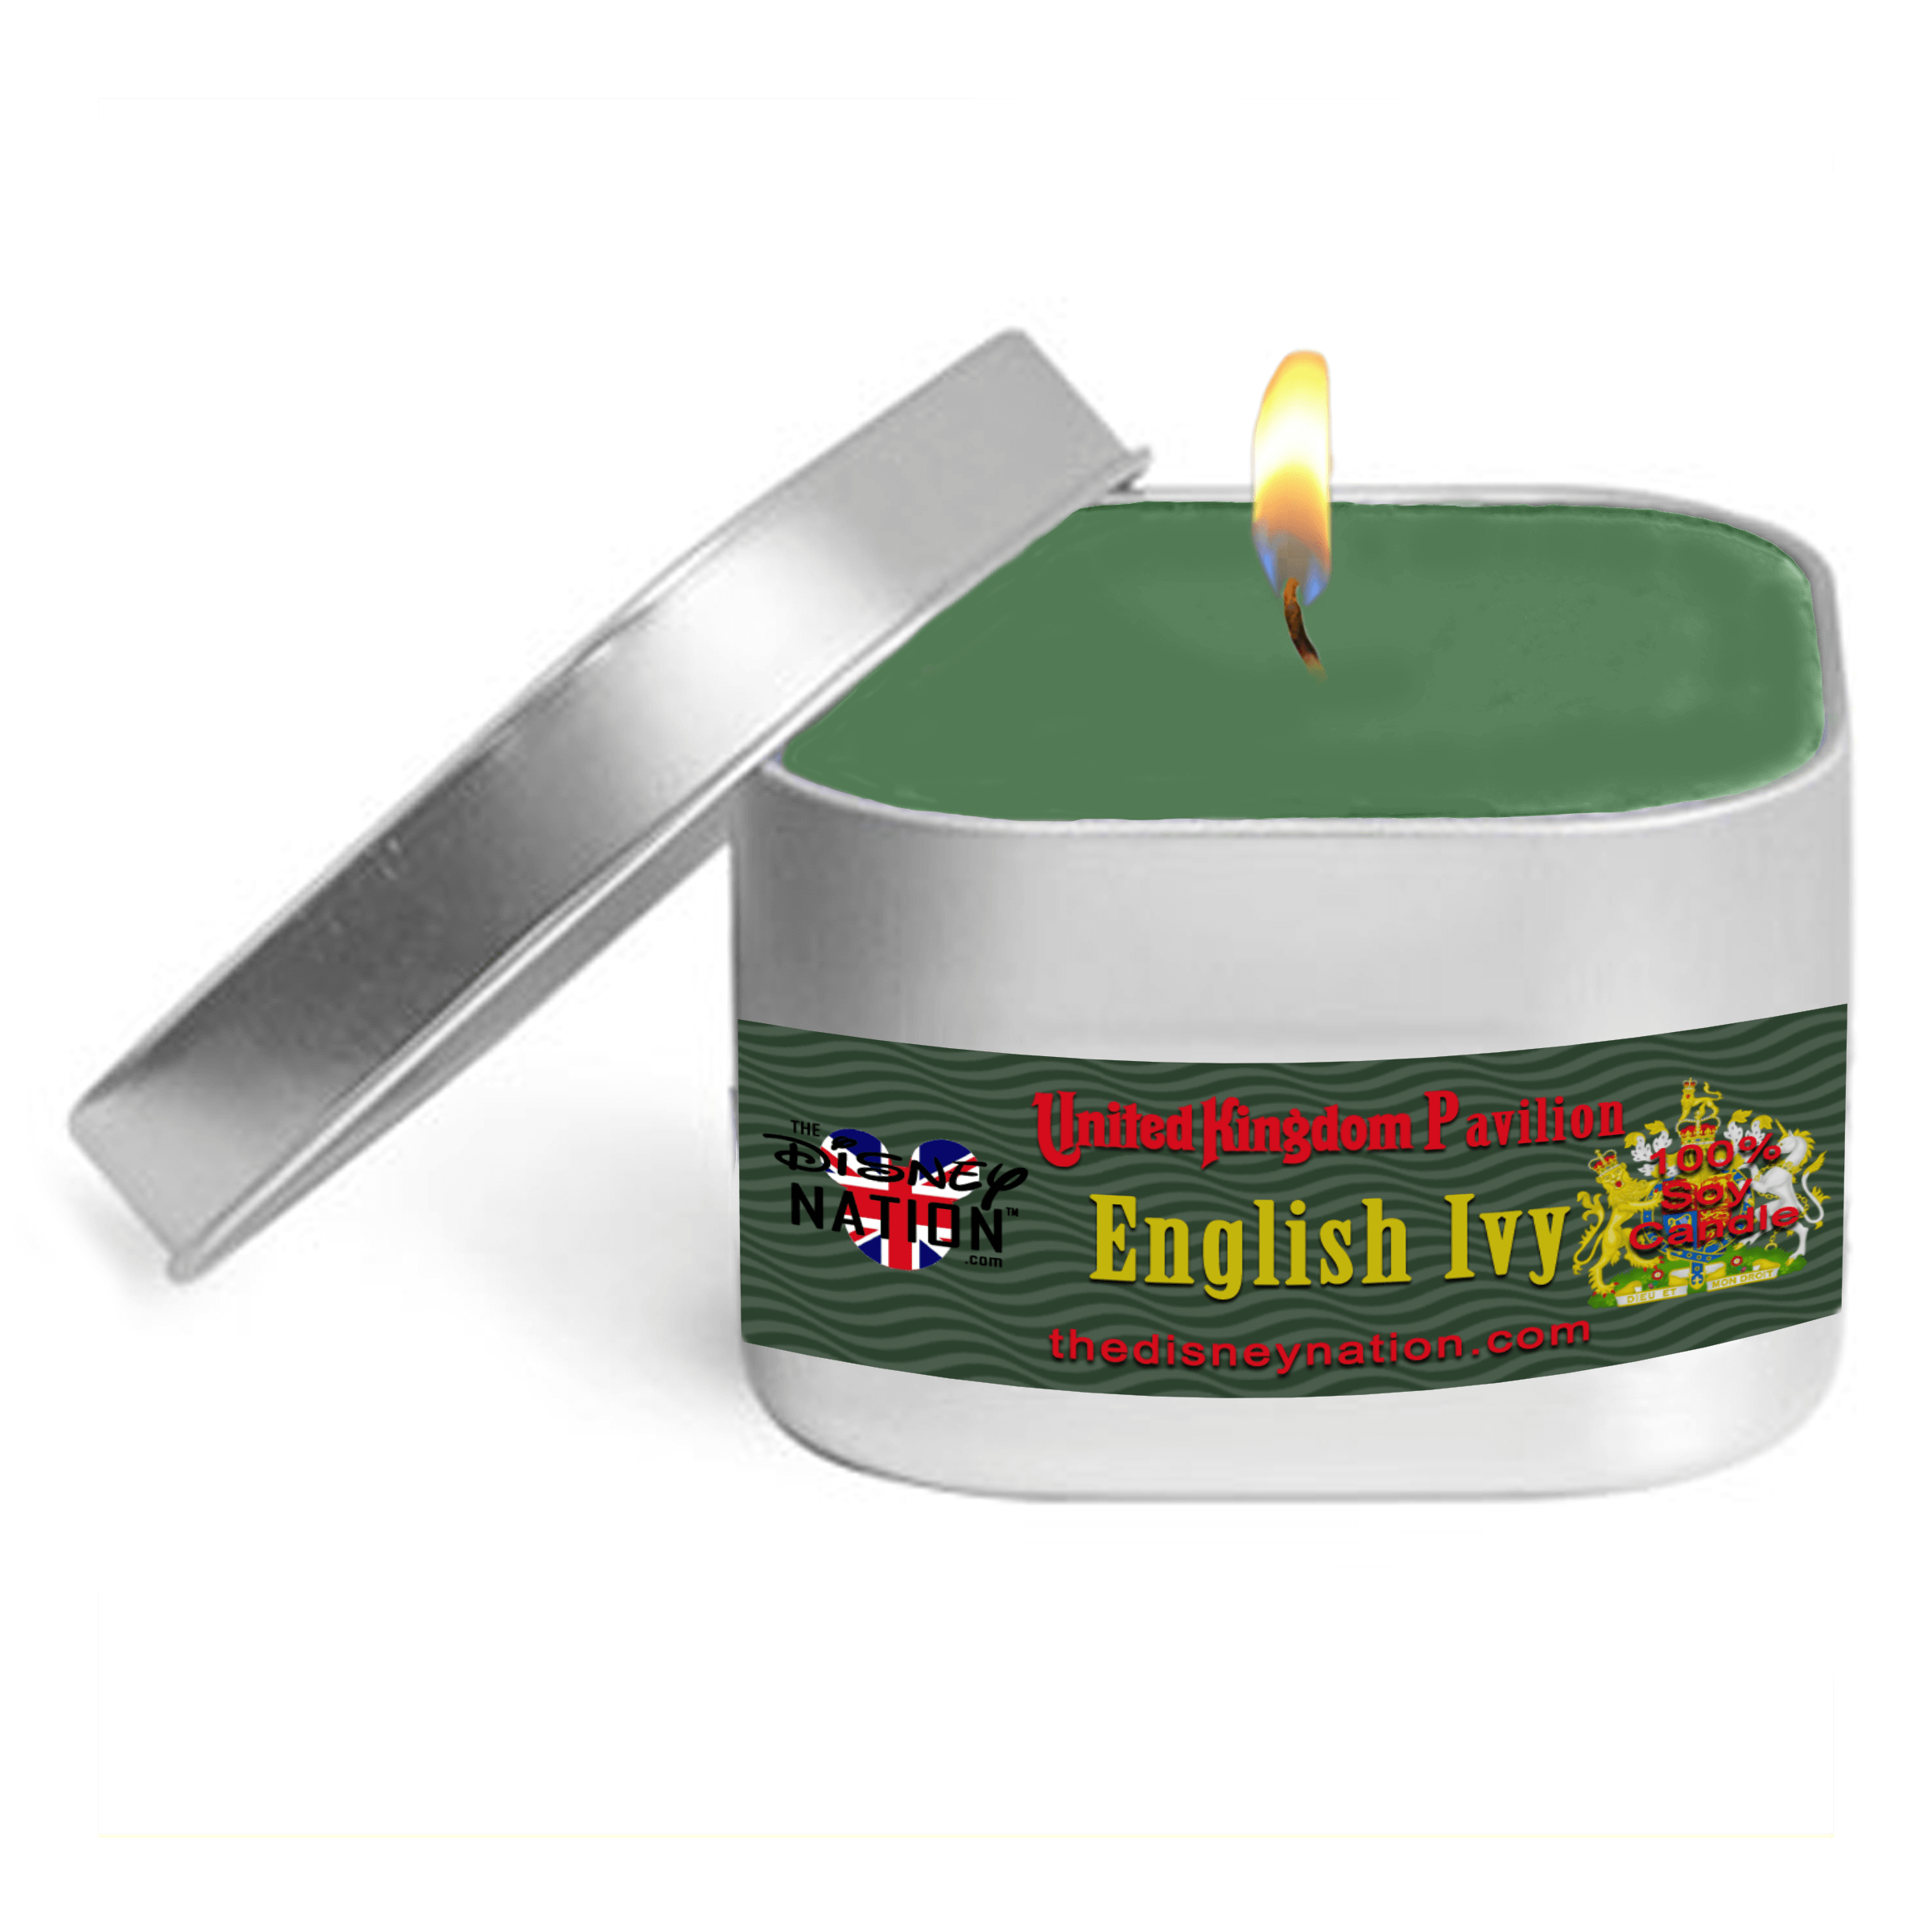 UK Pavilion - English Ivy Candle Small